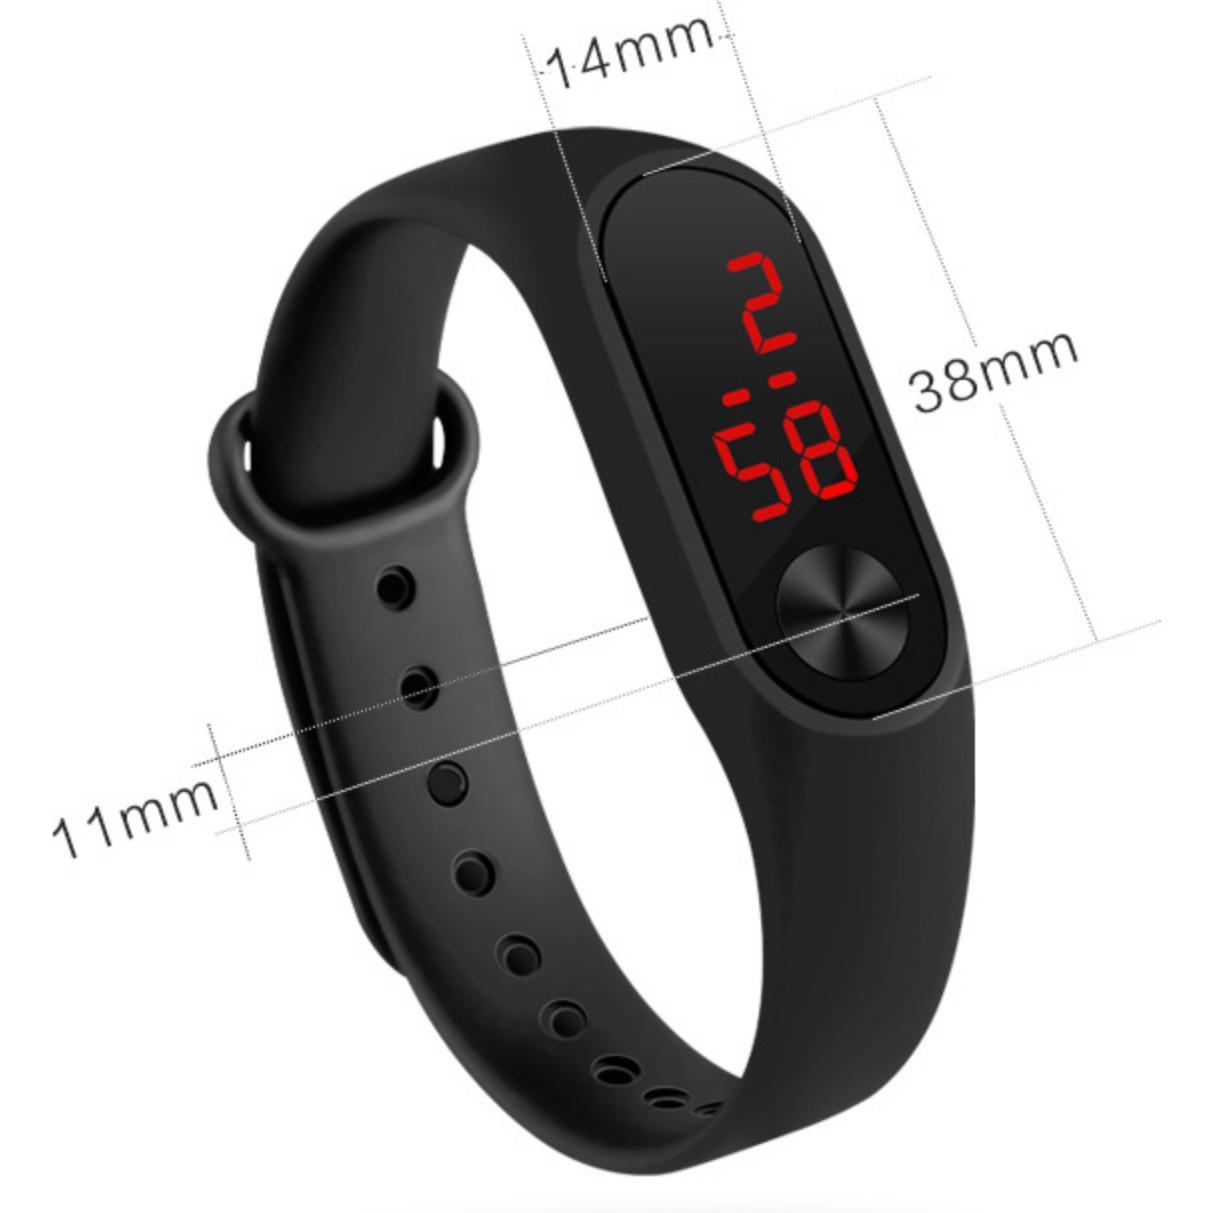 Đồng hồ Đèn LED Nam và nữ kiểu MB2 Dây Silicone chống nước Vòng đeo tay Xiaoni Mibamd 2 (Đen)